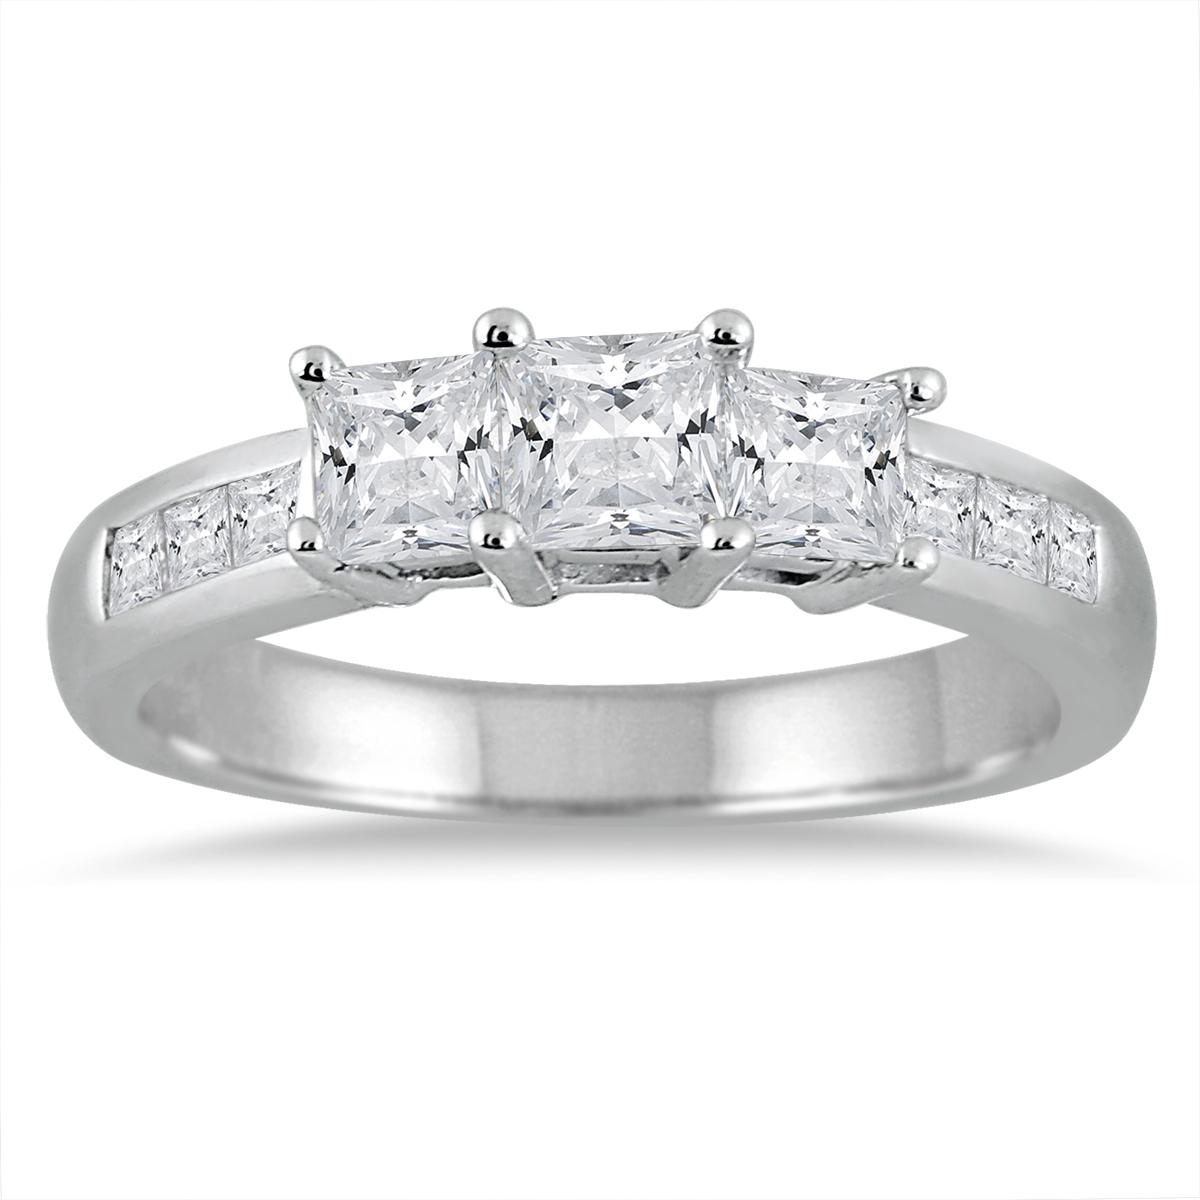 1 1/2 Carat TW Princess Cut Diamond